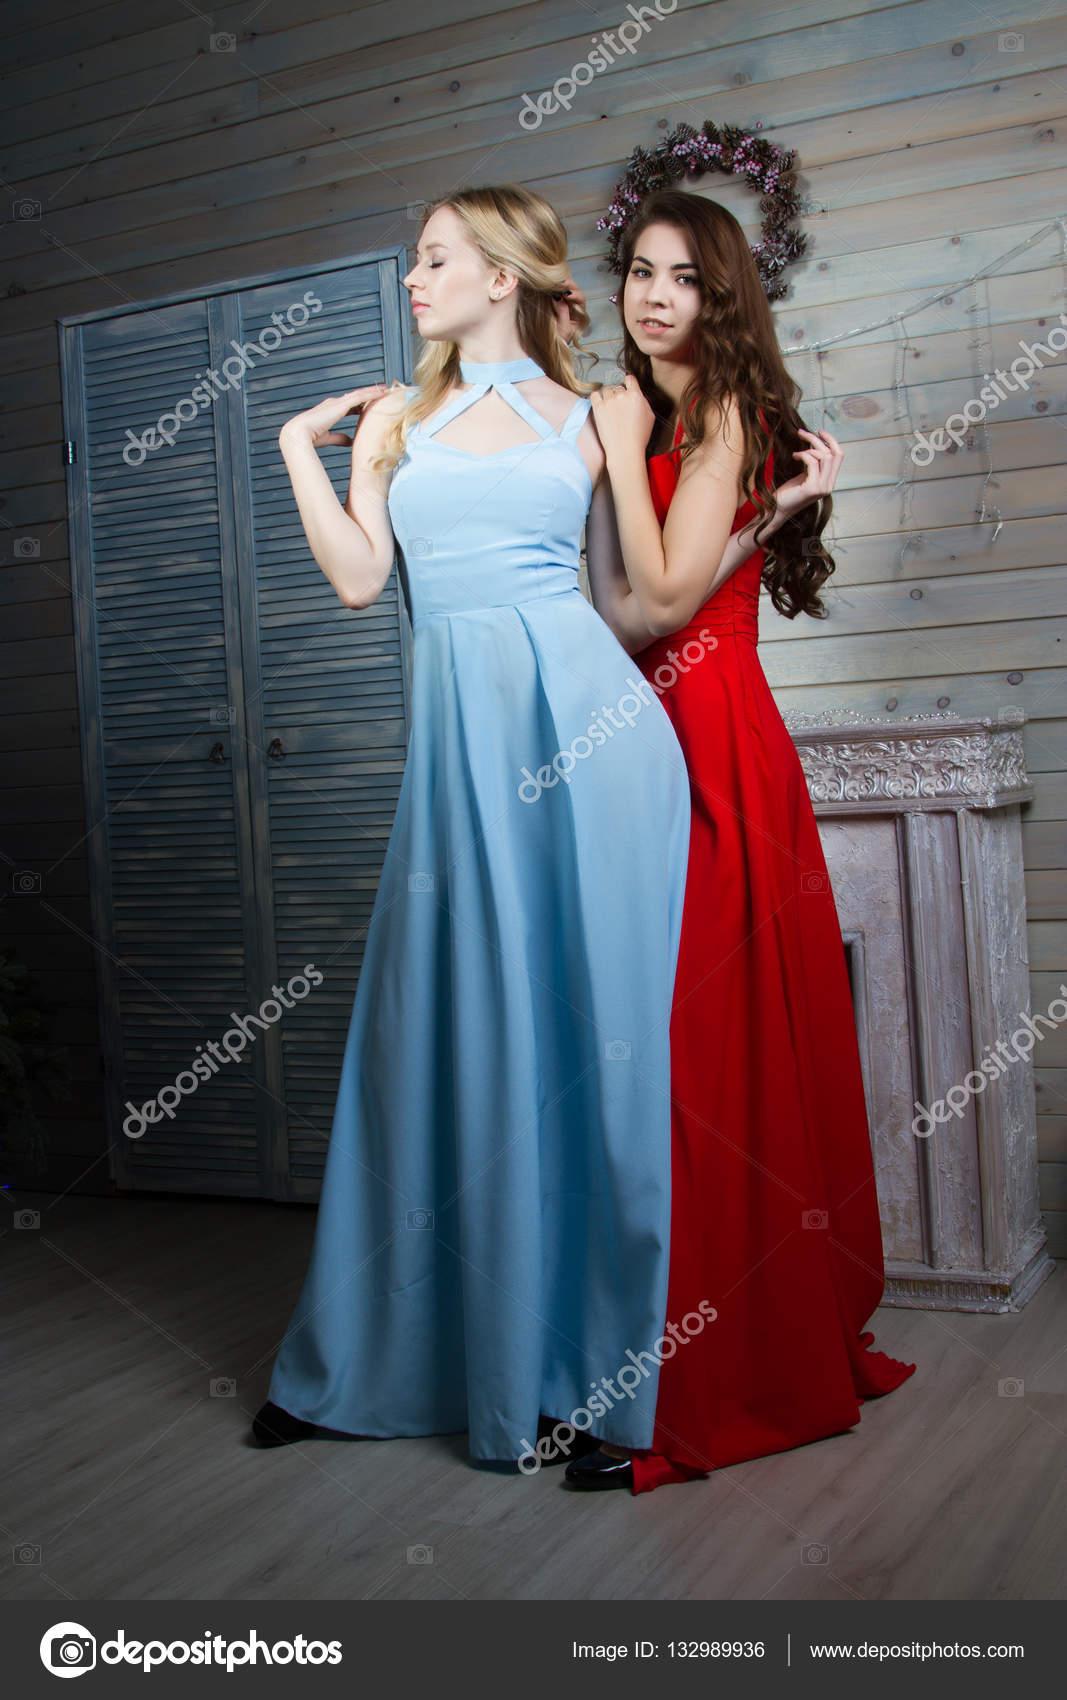 b138578e81f0 Due giovani ragazze in abiti lunghi in una stanza con un camino– immagine  stock